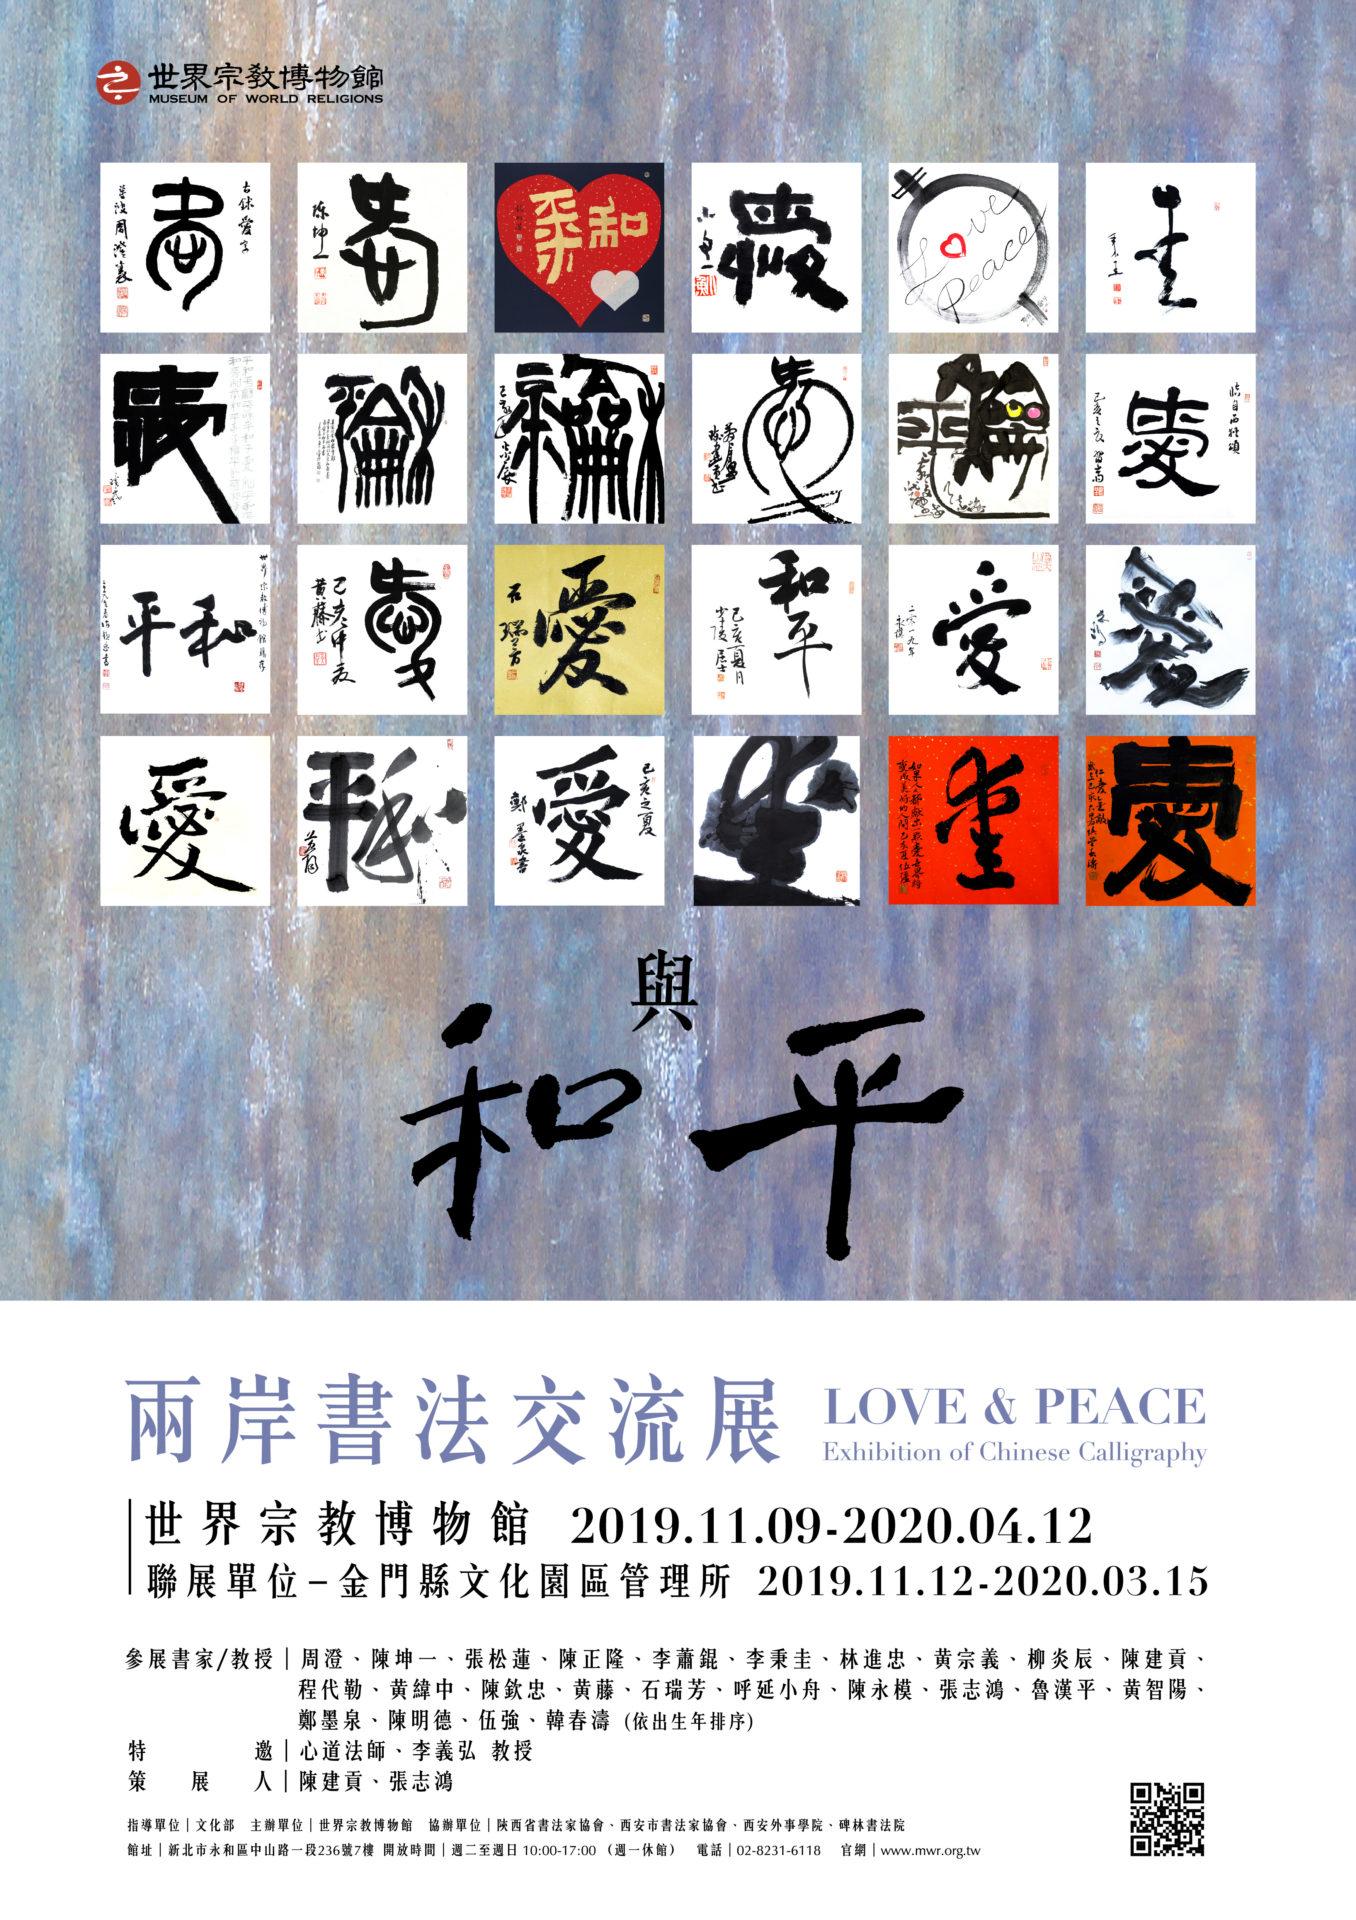 世界宗教博物館:2019/11/09-2020/04/12【愛與和平-兩岸書法交流展】